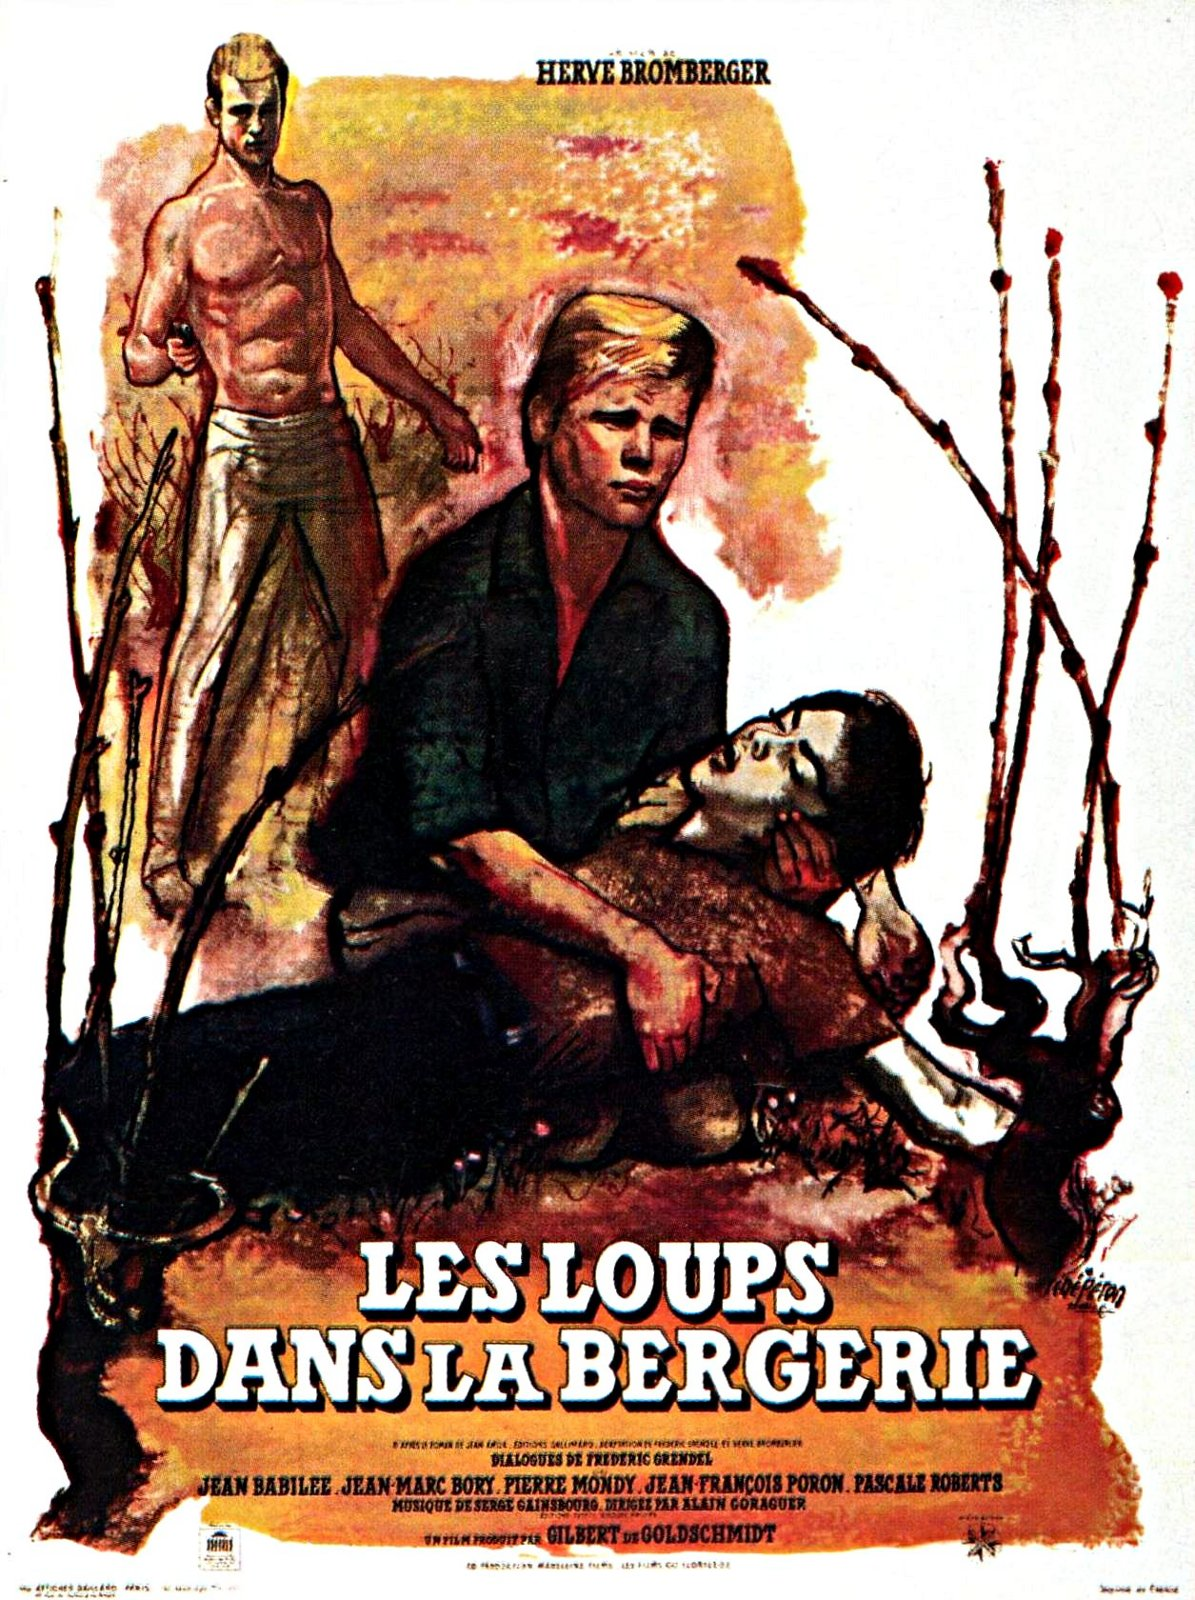 Les Loups dans la Bergerie (1960)